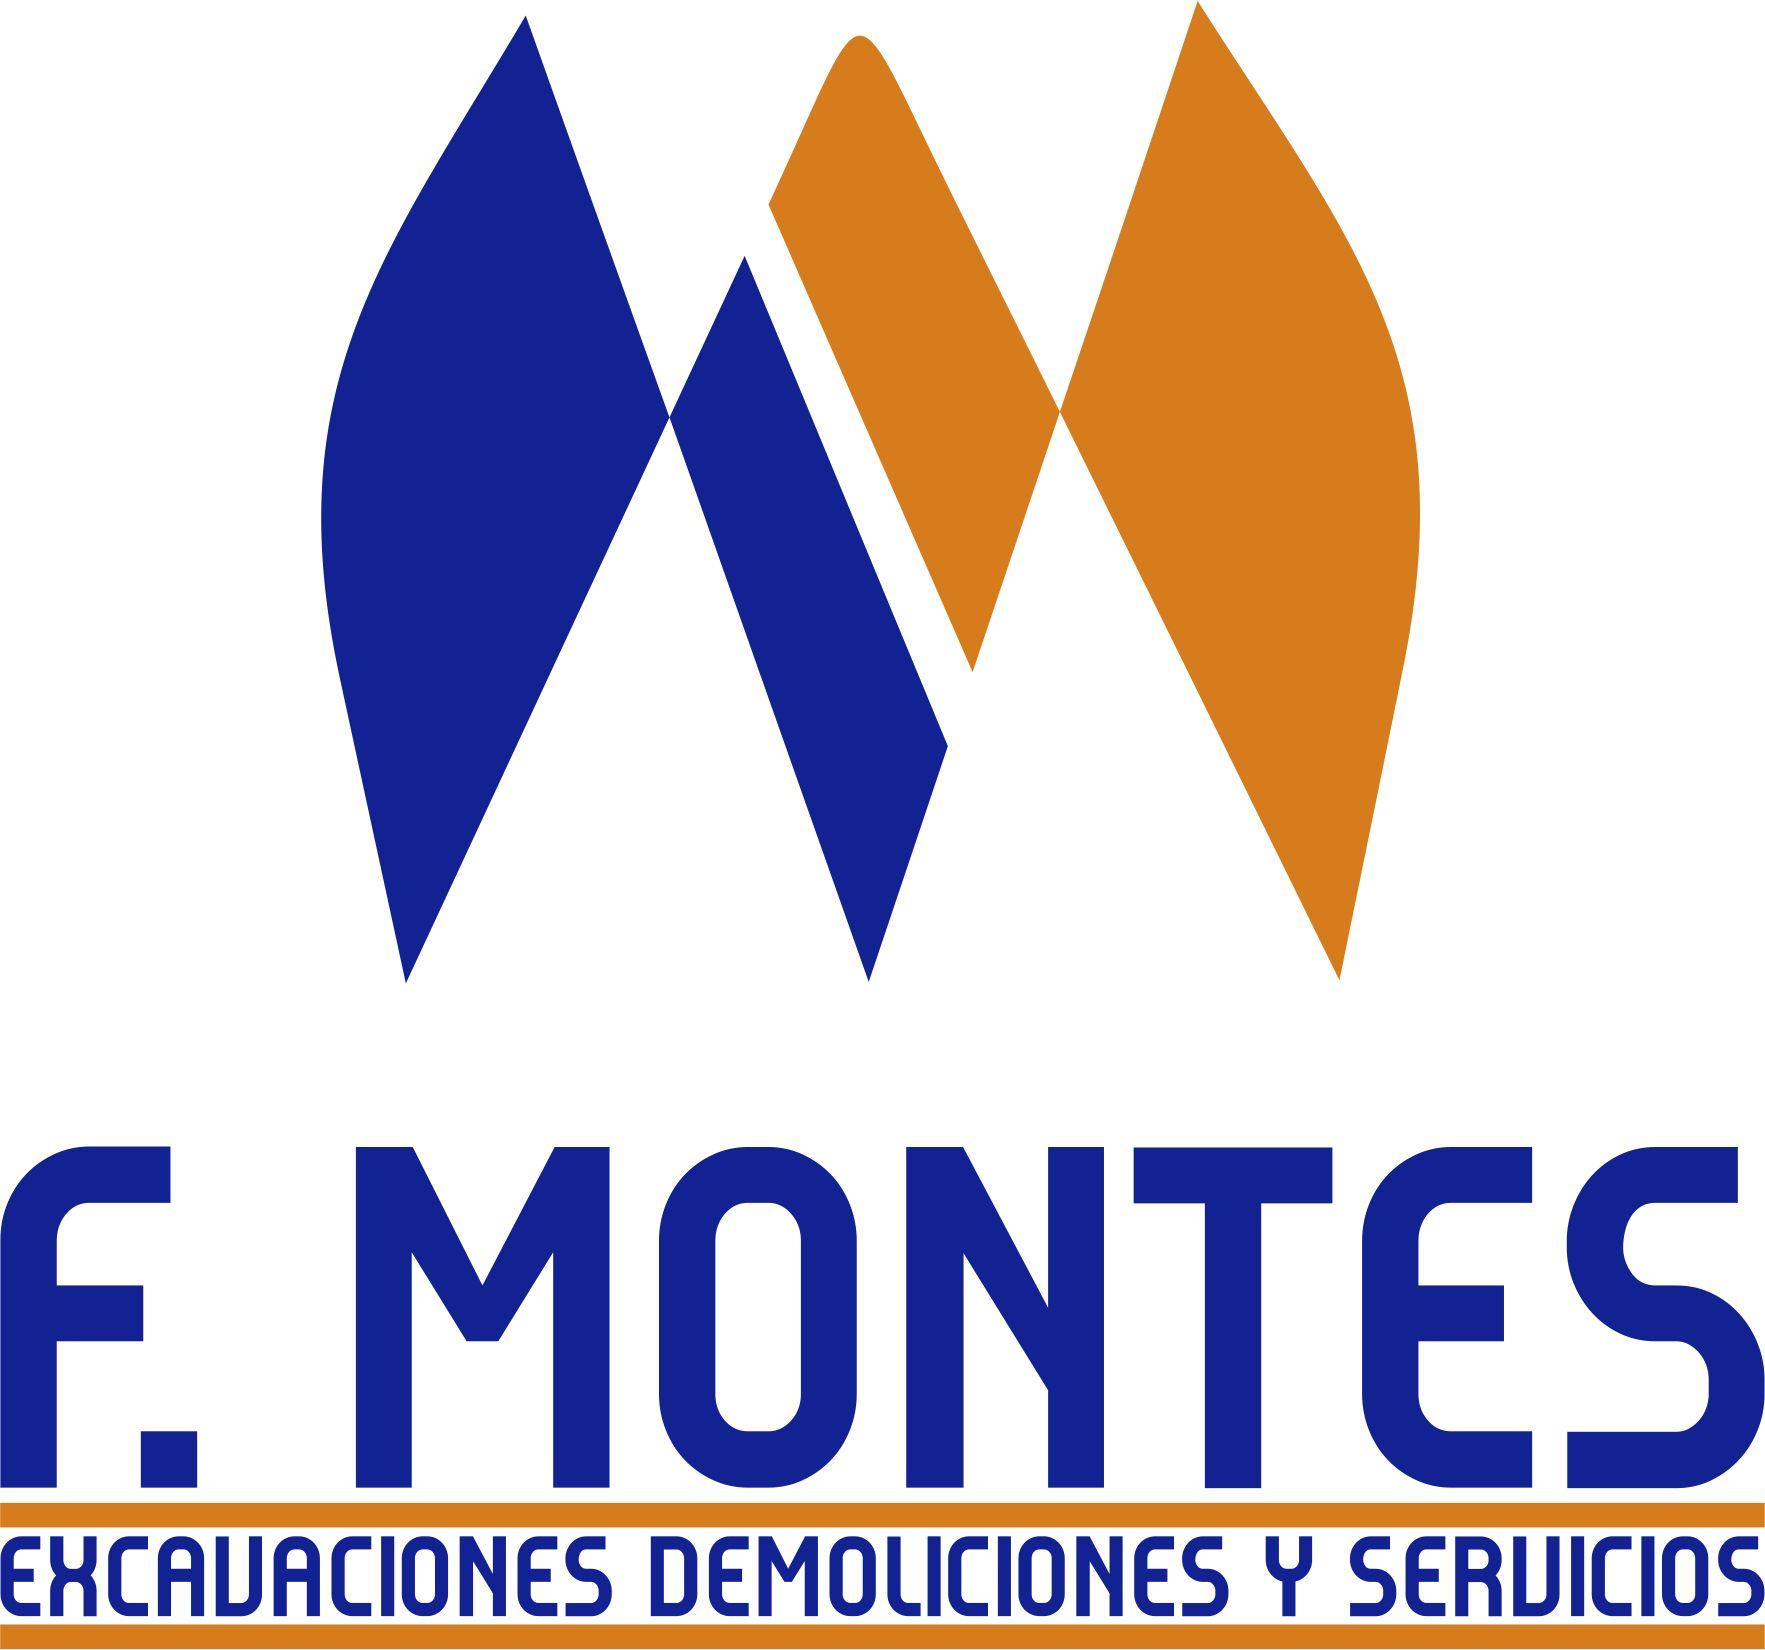 Excavaciones F.montes Sl